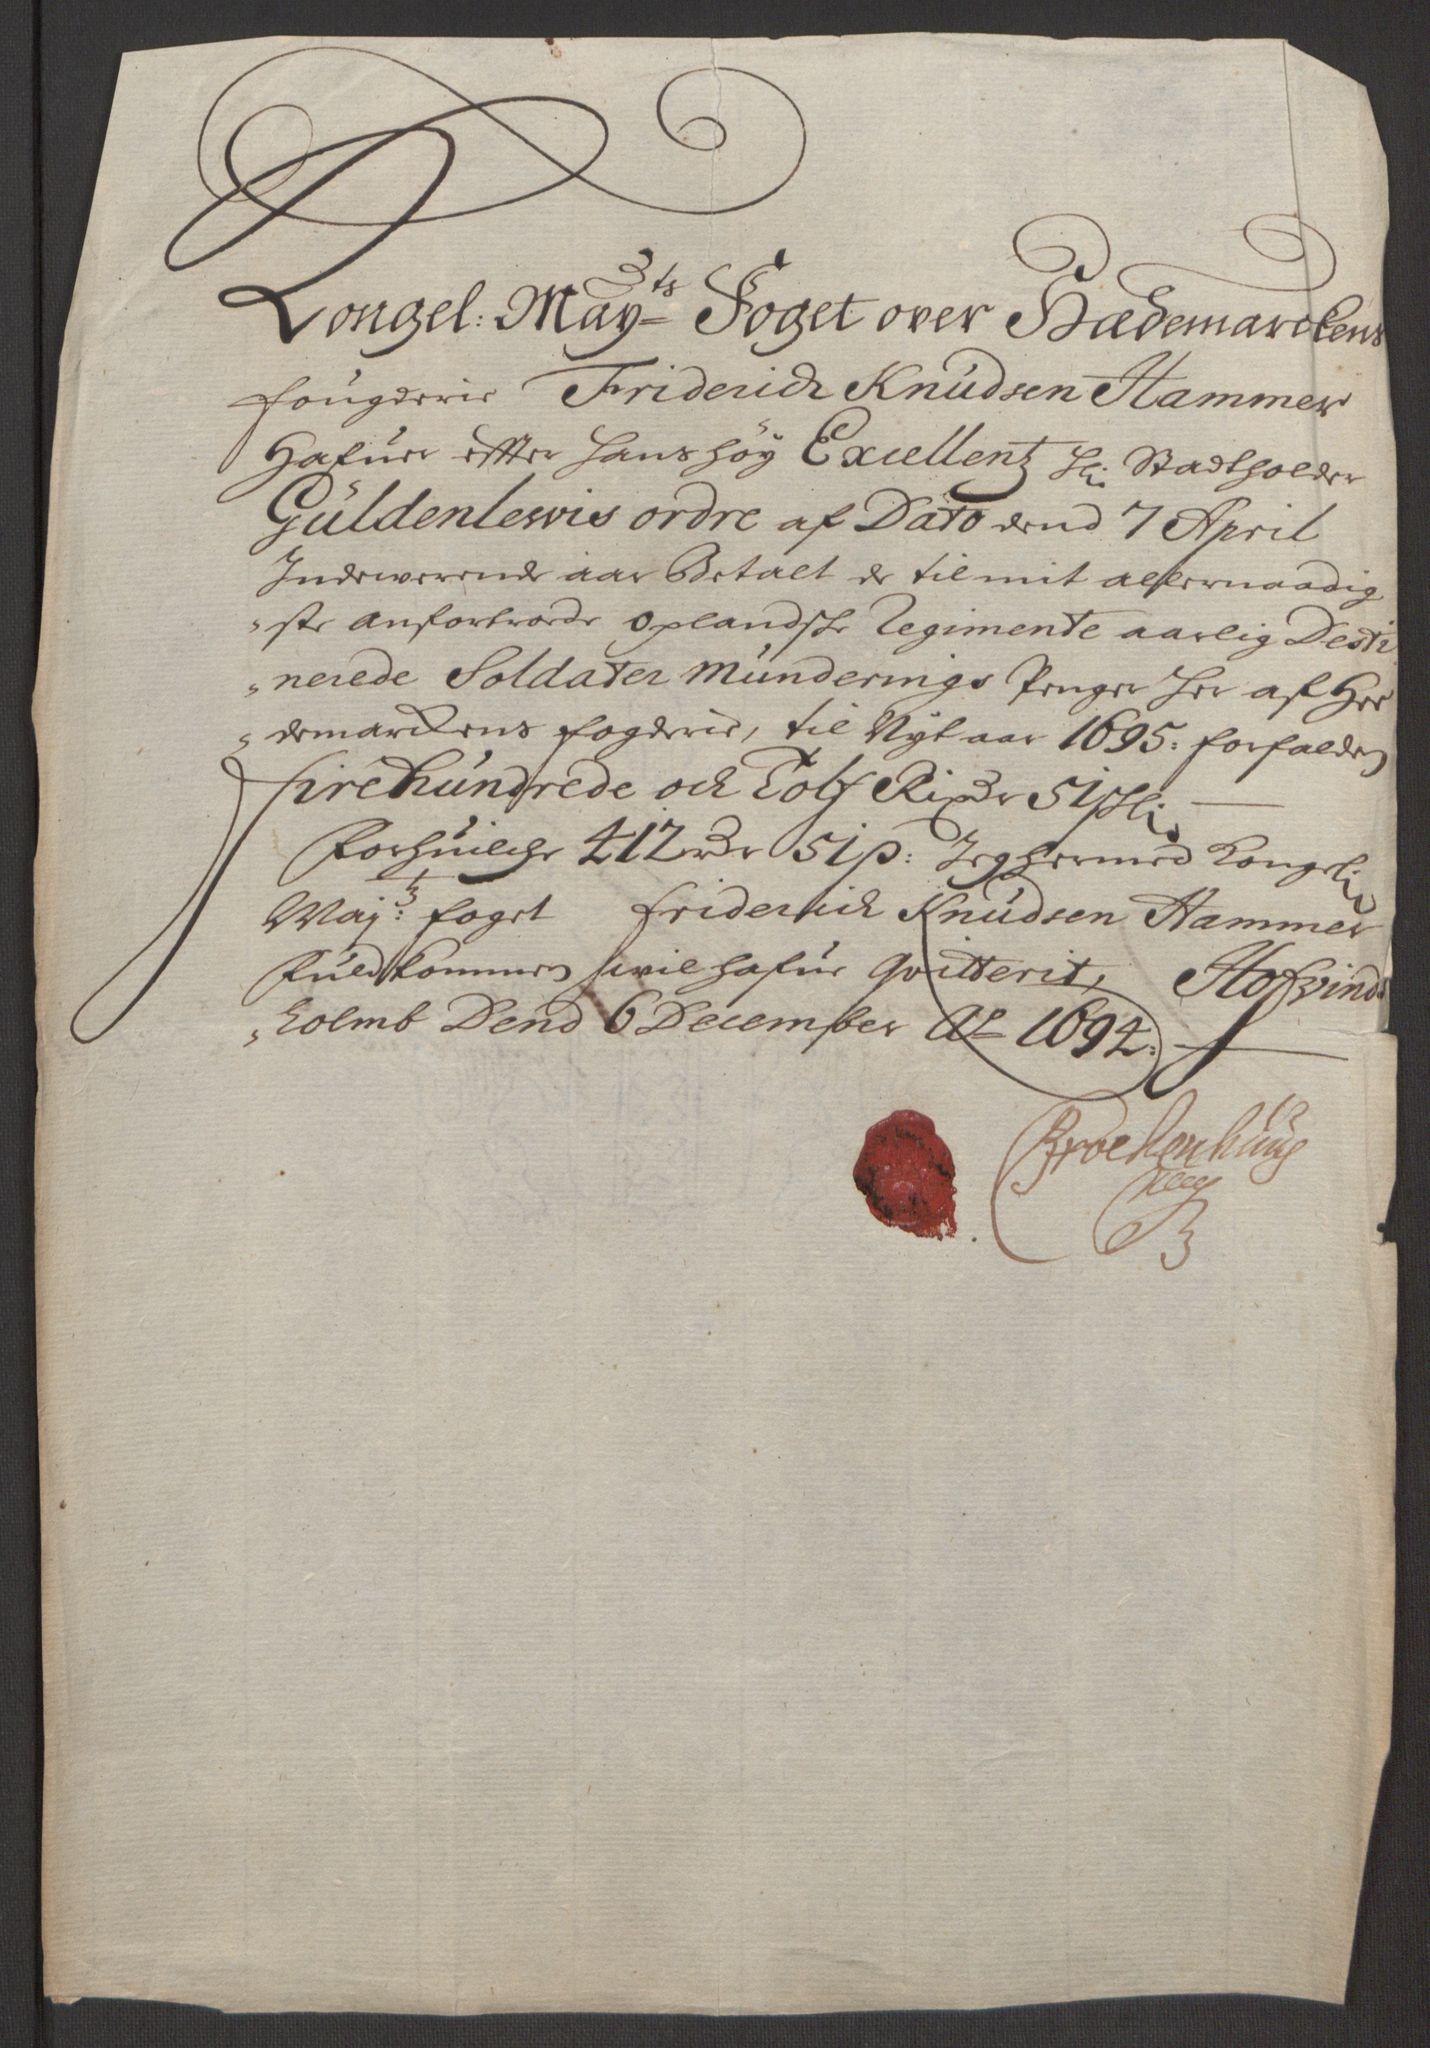 RA, Rentekammeret inntil 1814, Reviderte regnskaper, Fogderegnskap, R16/L1035: Fogderegnskap Hedmark, 1694, s. 110